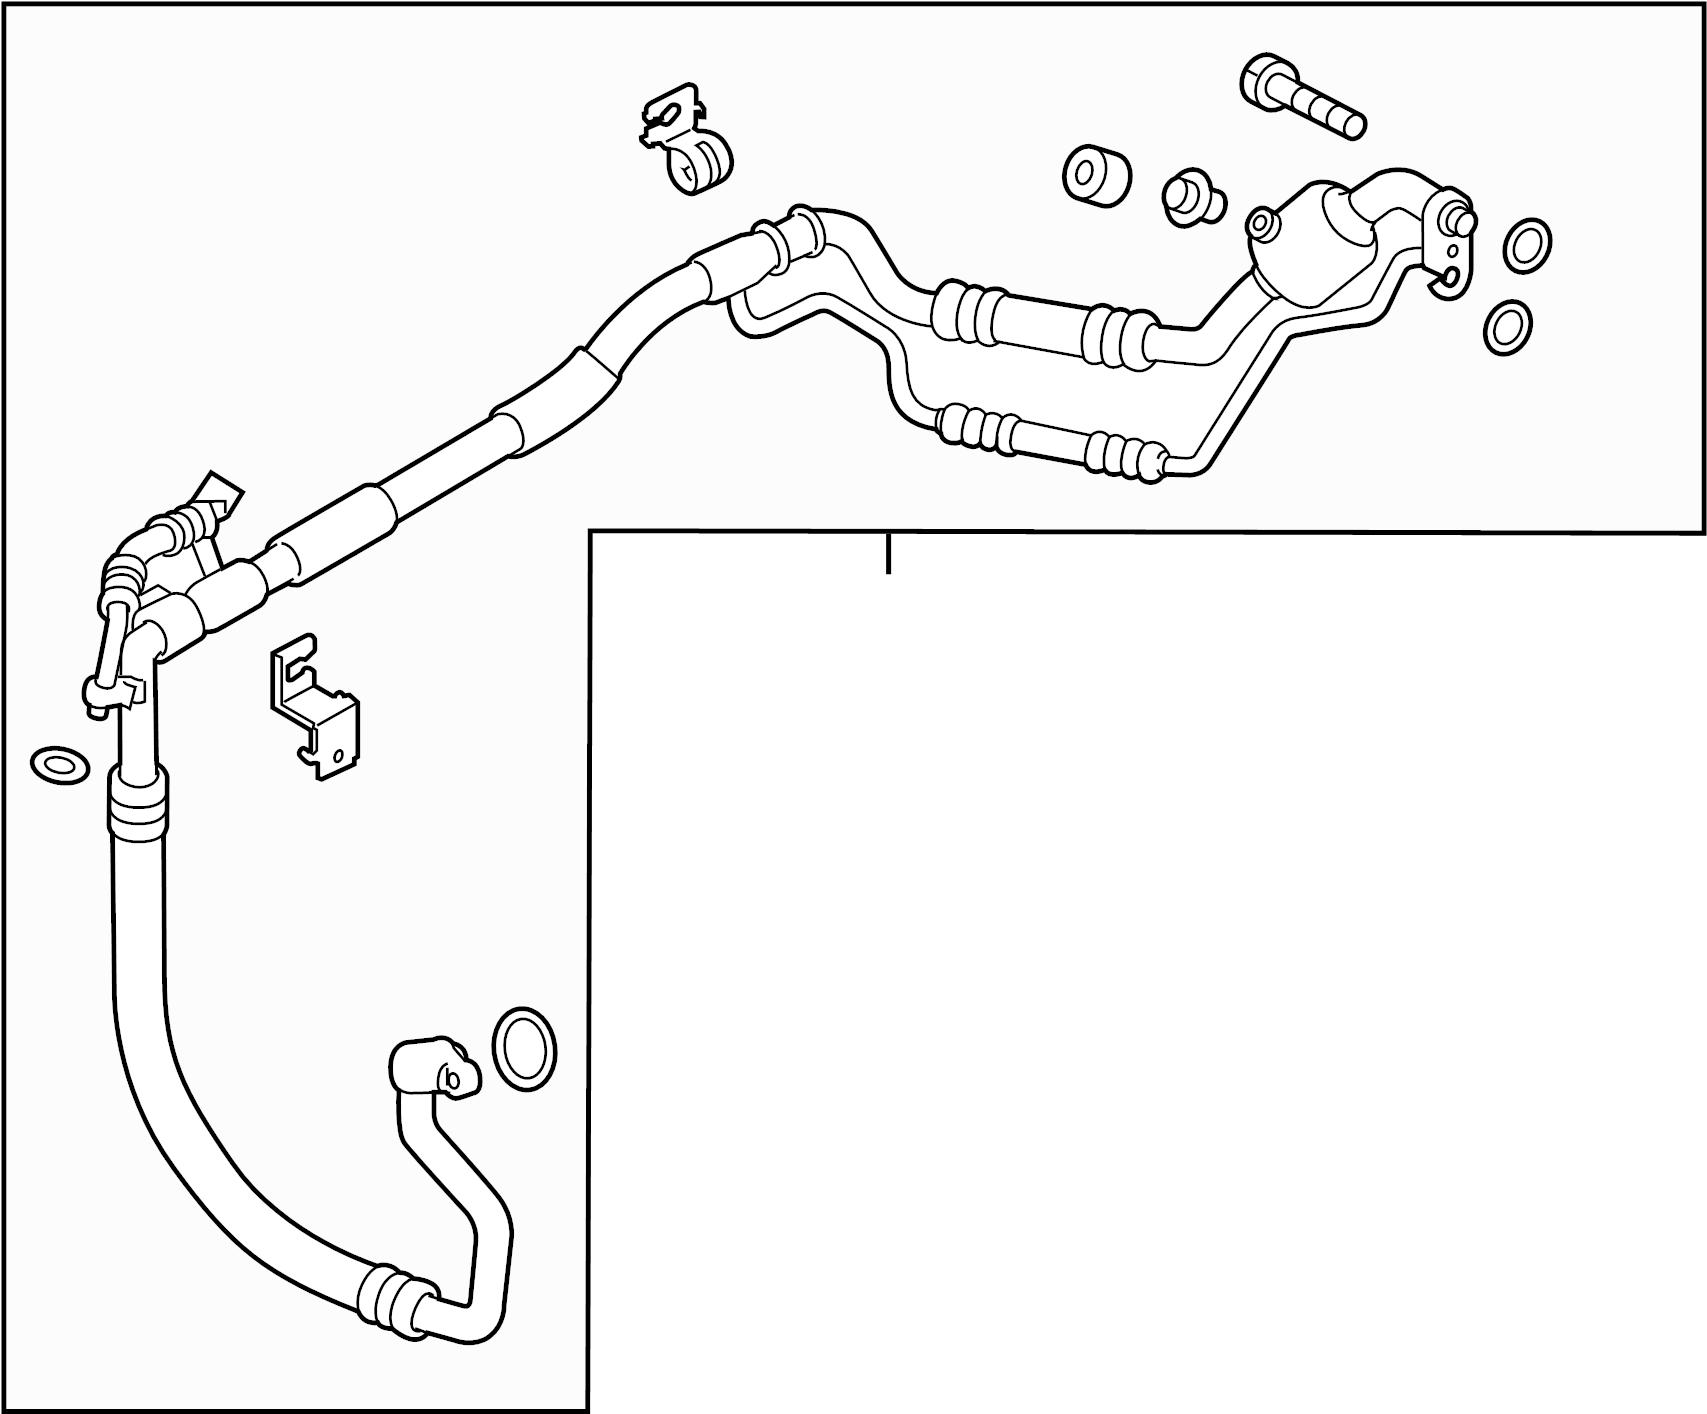 Kia Forte A/c refrigerant suction hose. Liquid, assembly